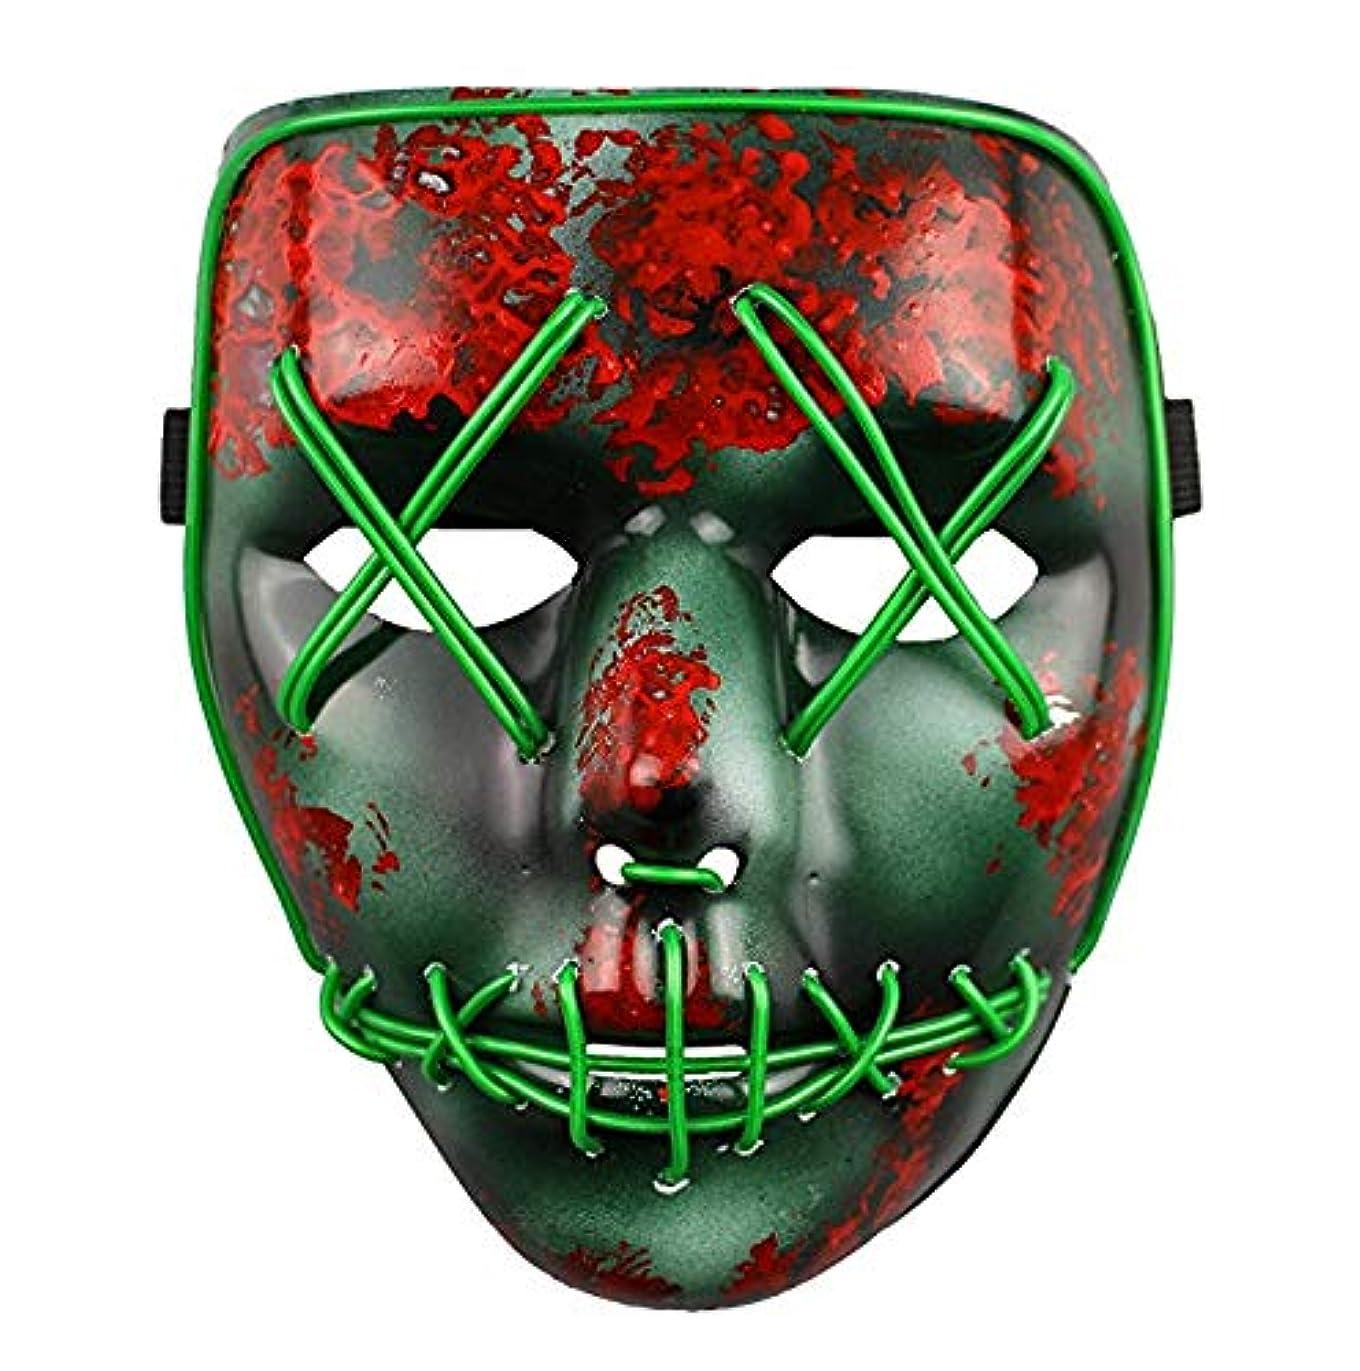 カニモノグラフ軍ライトアップマスクフェスティバルハロウィンコスチュームアダルトマスク